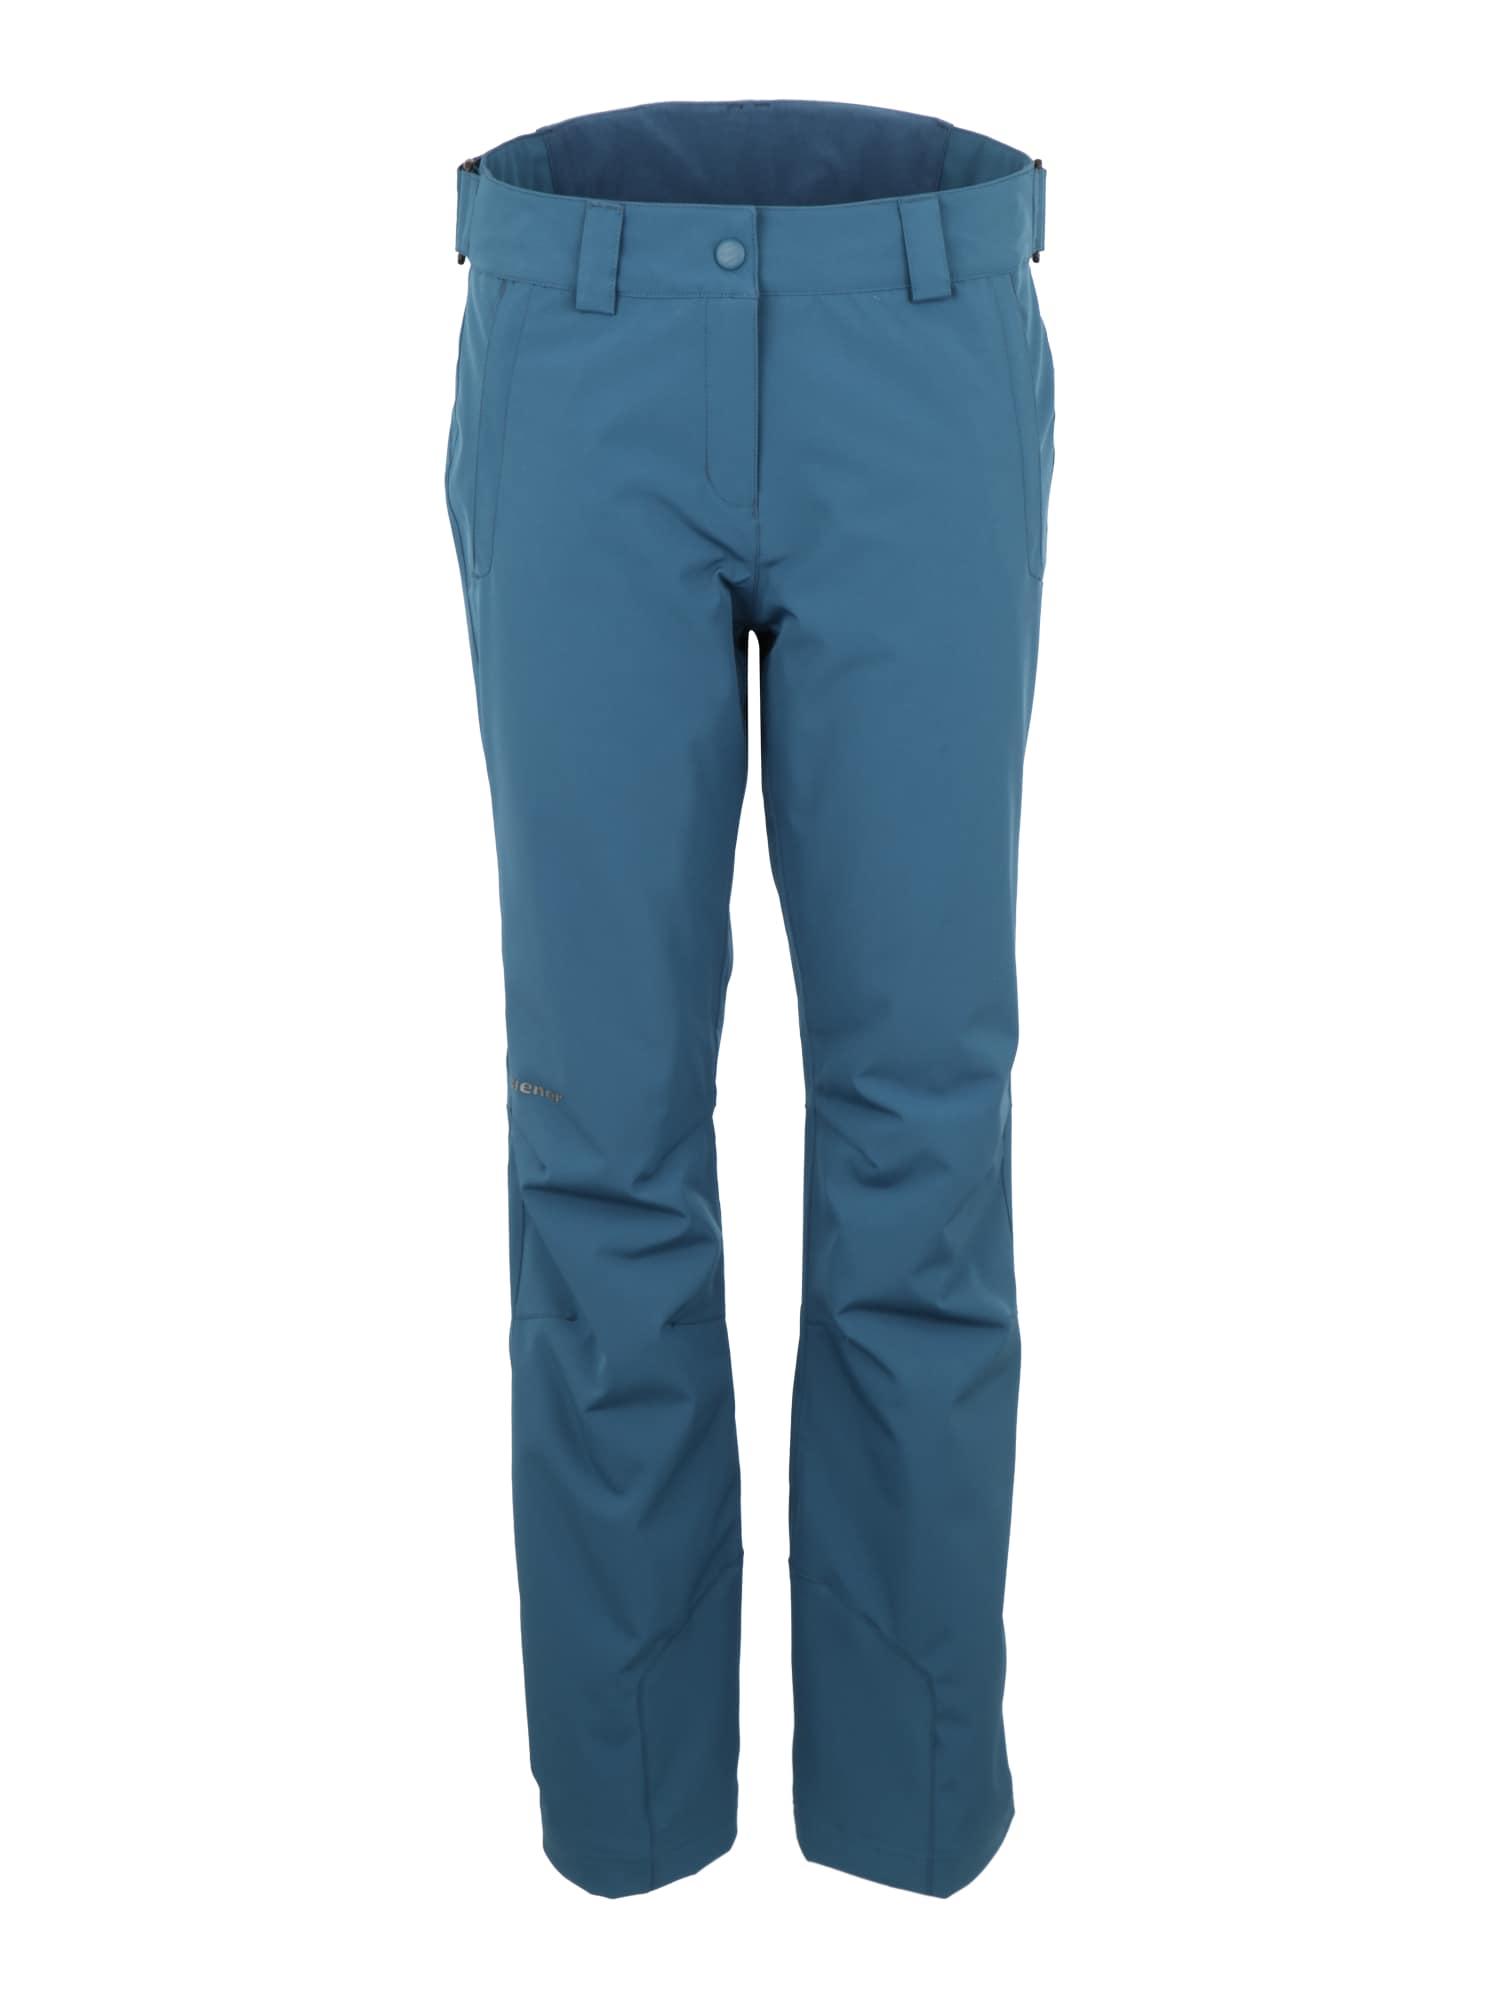 Sportovní kalhoty TAIPA nebeská modř ZIENER